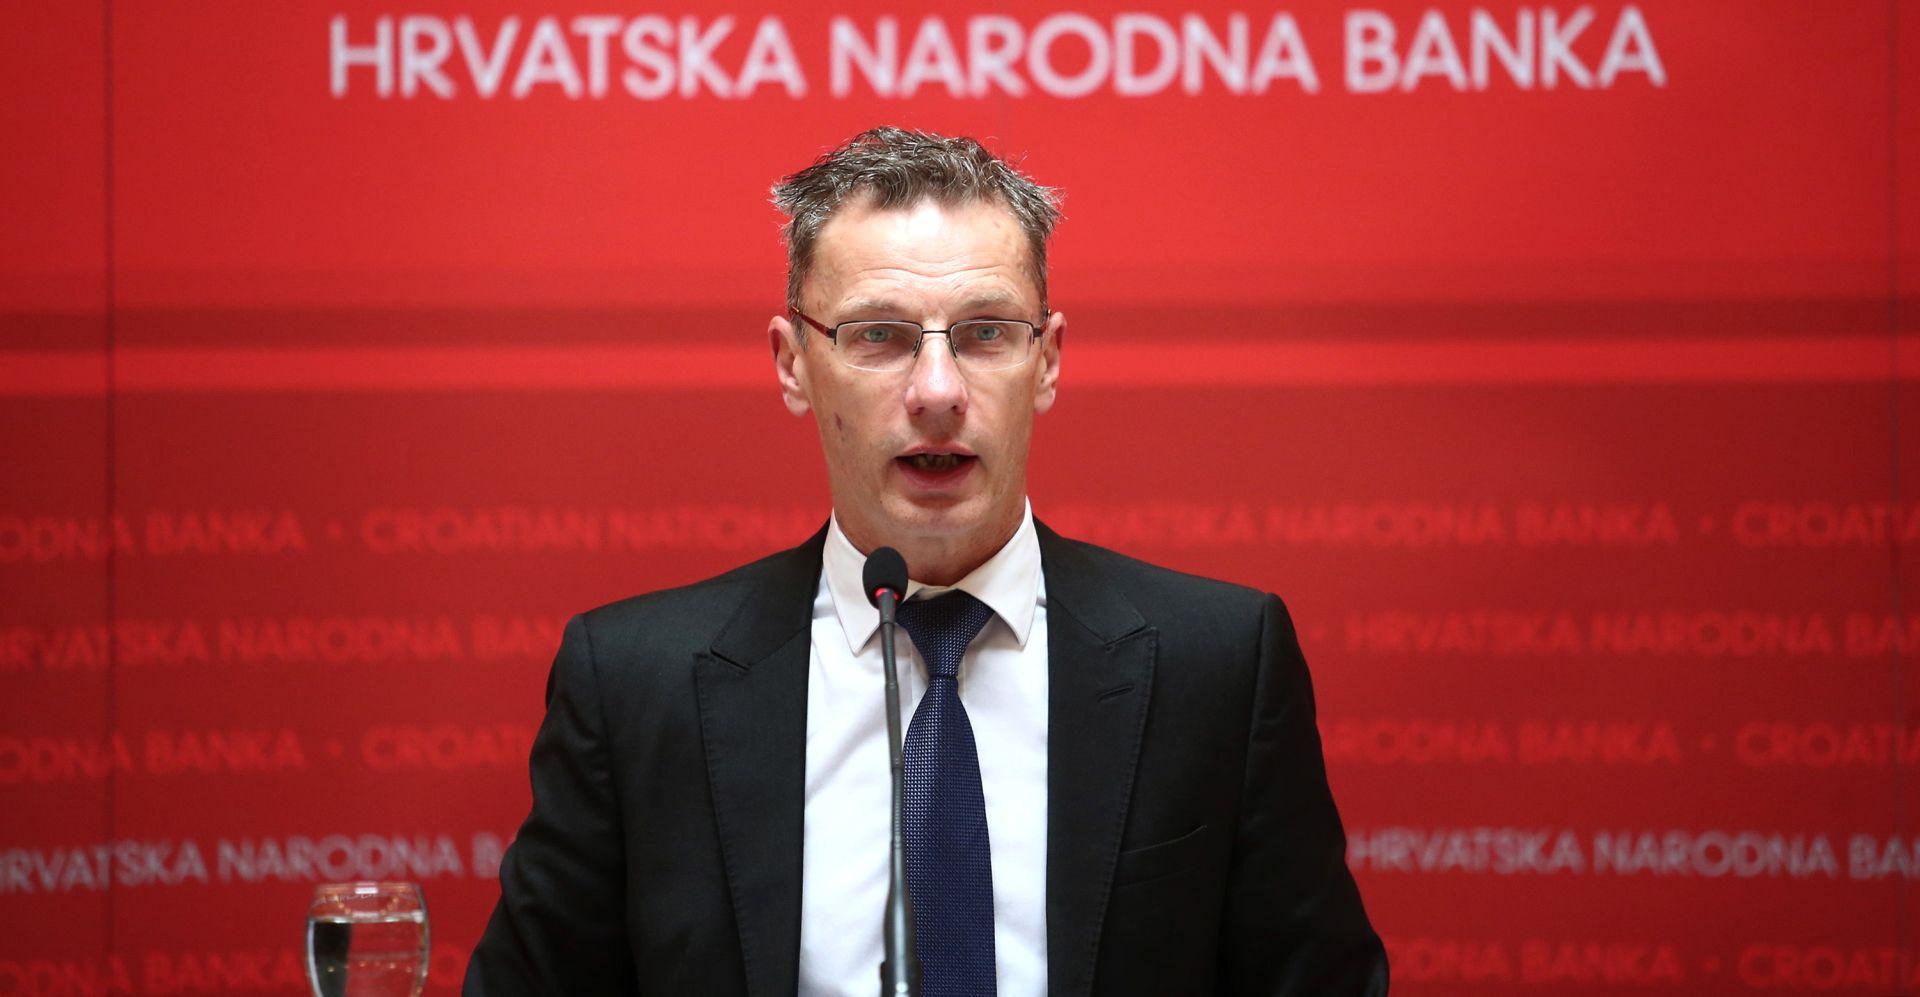 POTPISALO 45 ZASTUPNIKA: Zastupnici devet stranaka uputili izmjene Zakona o HNB-u